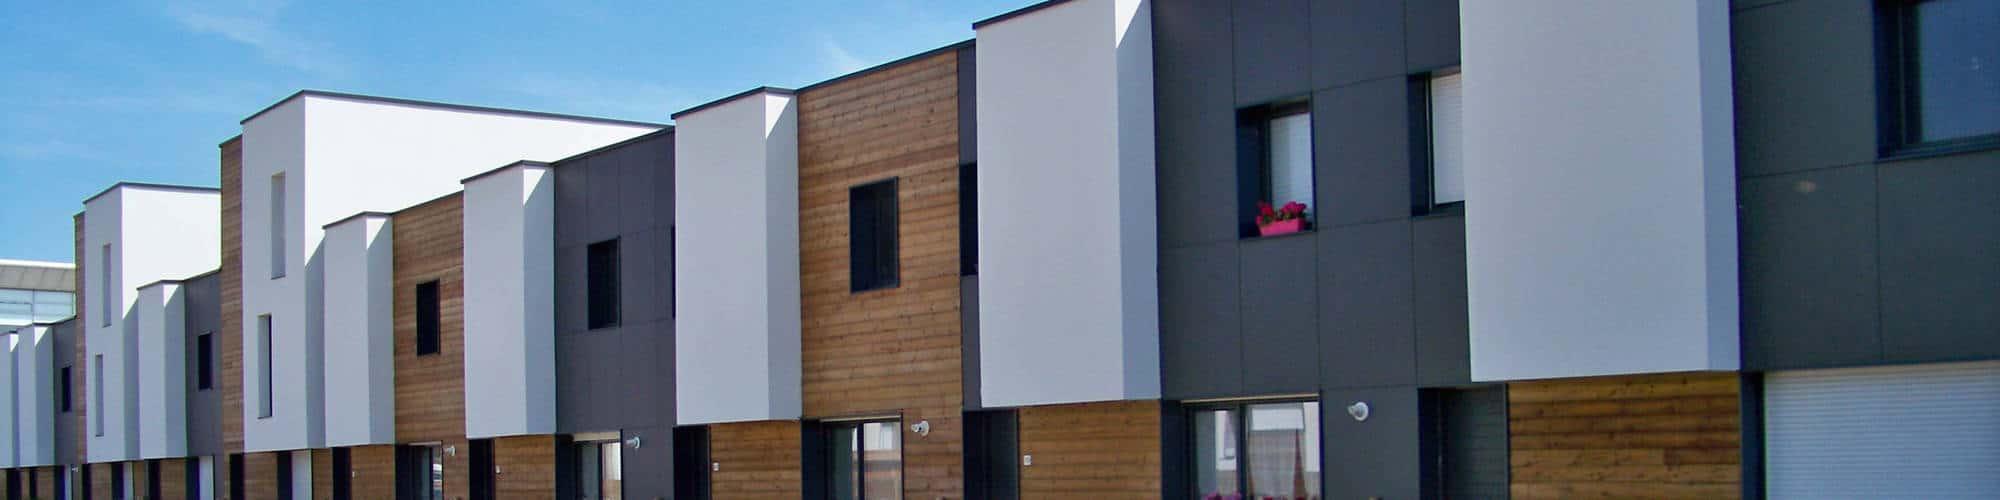 Essentiel - Programme de logements neufs KIC sur l'Ecoquartier du Raquet